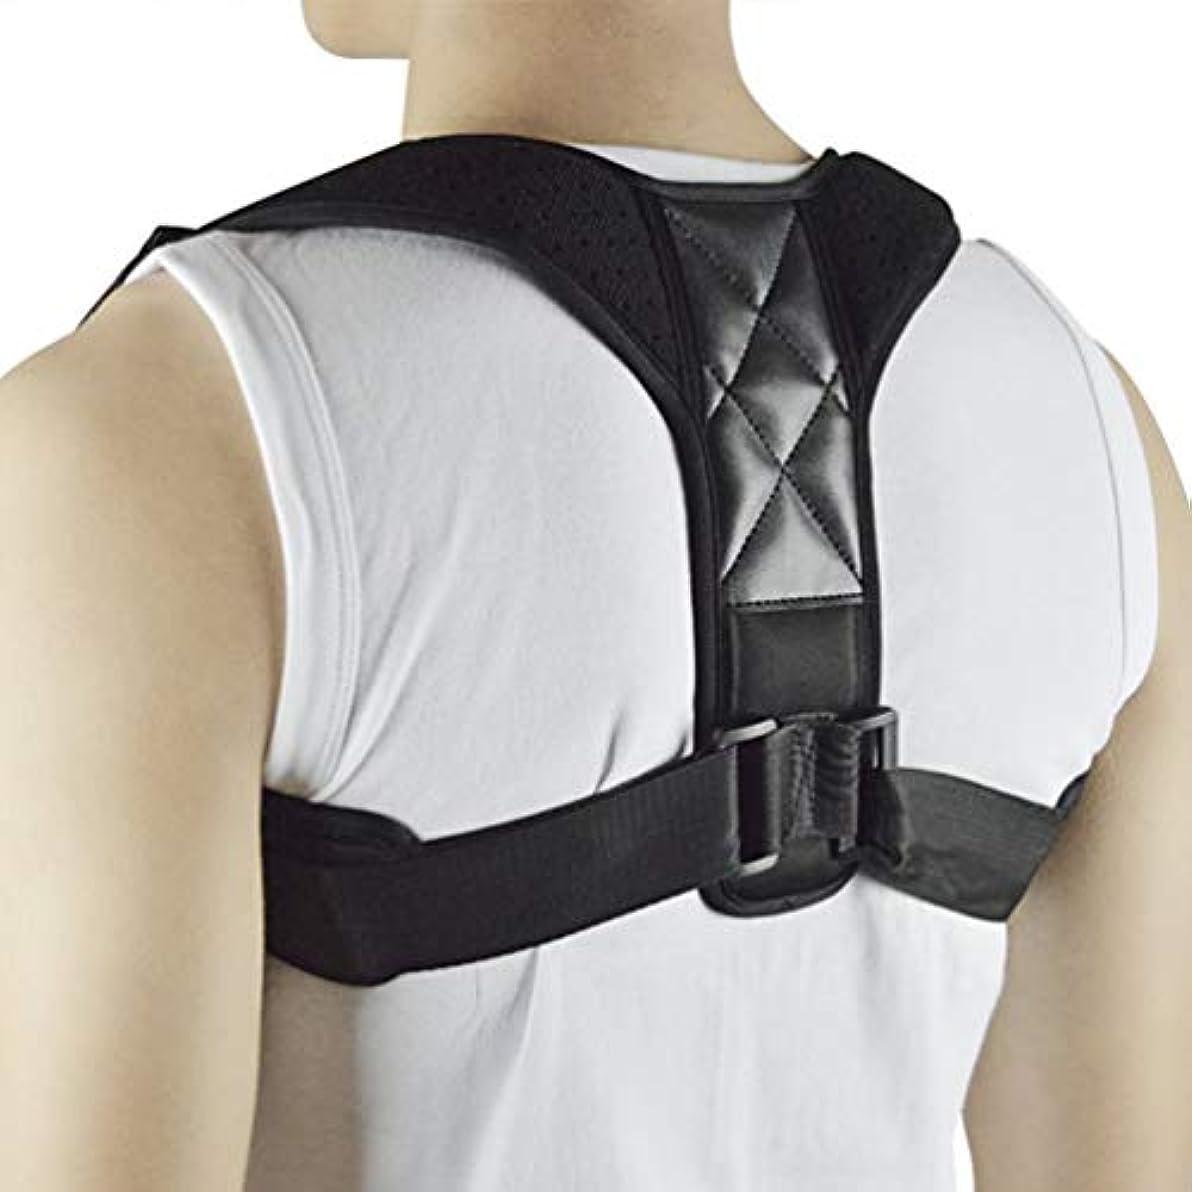 不利権限恐ろしいWT-C734ザトウクジラ矯正ベルト大人の脊椎背部固定子の背部矯正 - 多色アドバンス